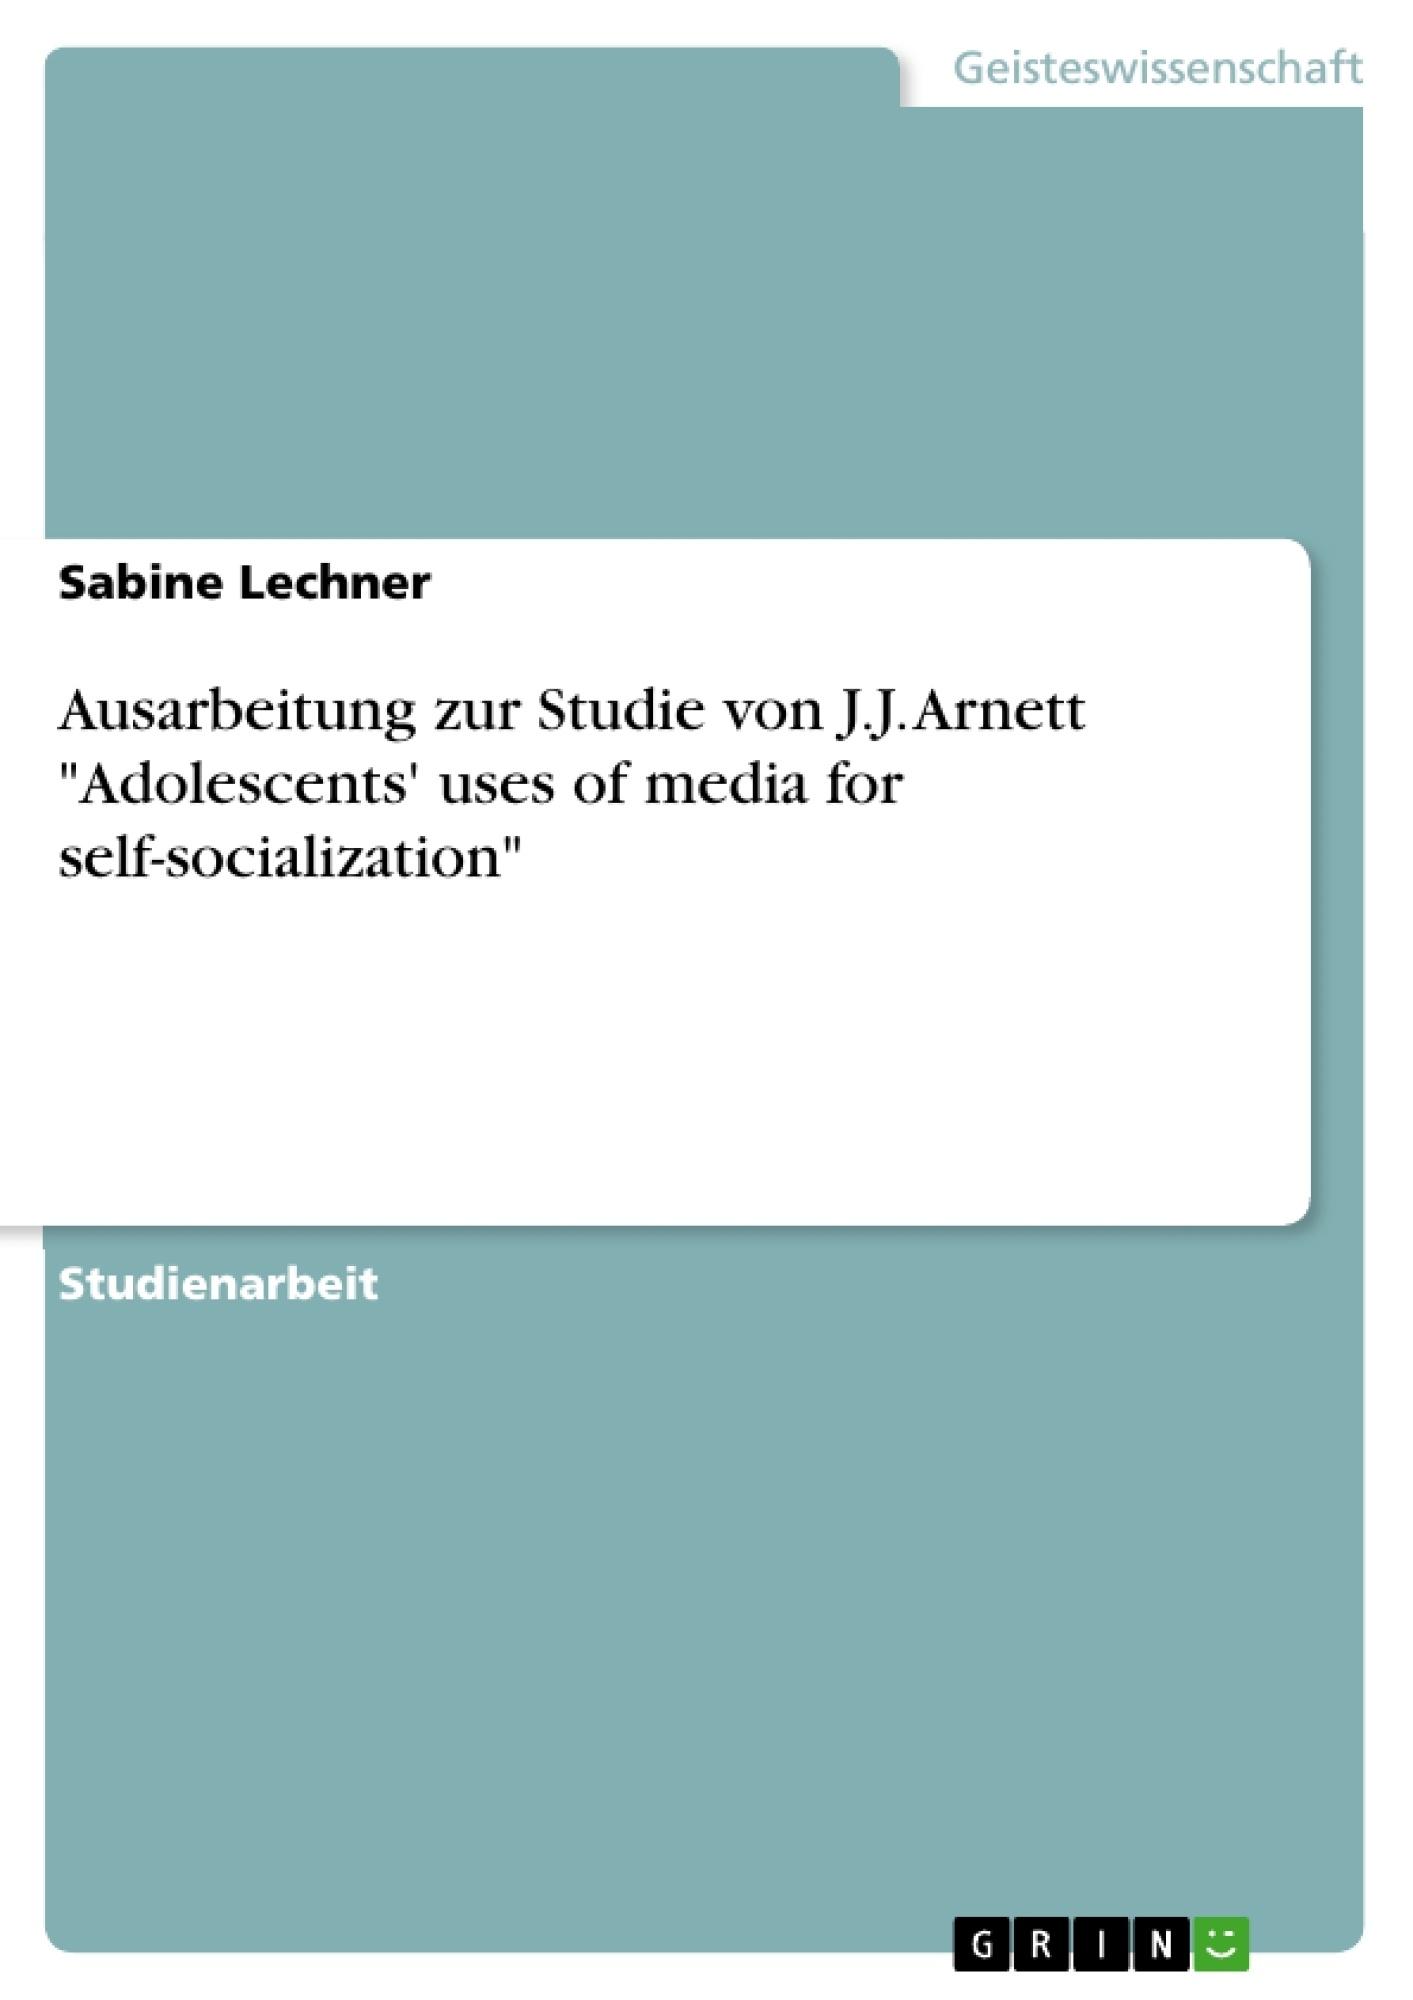 """Titel: Ausarbeitung zur Studie  von J.J. Arnett """"Adolescents' uses of media for self-socialization"""""""